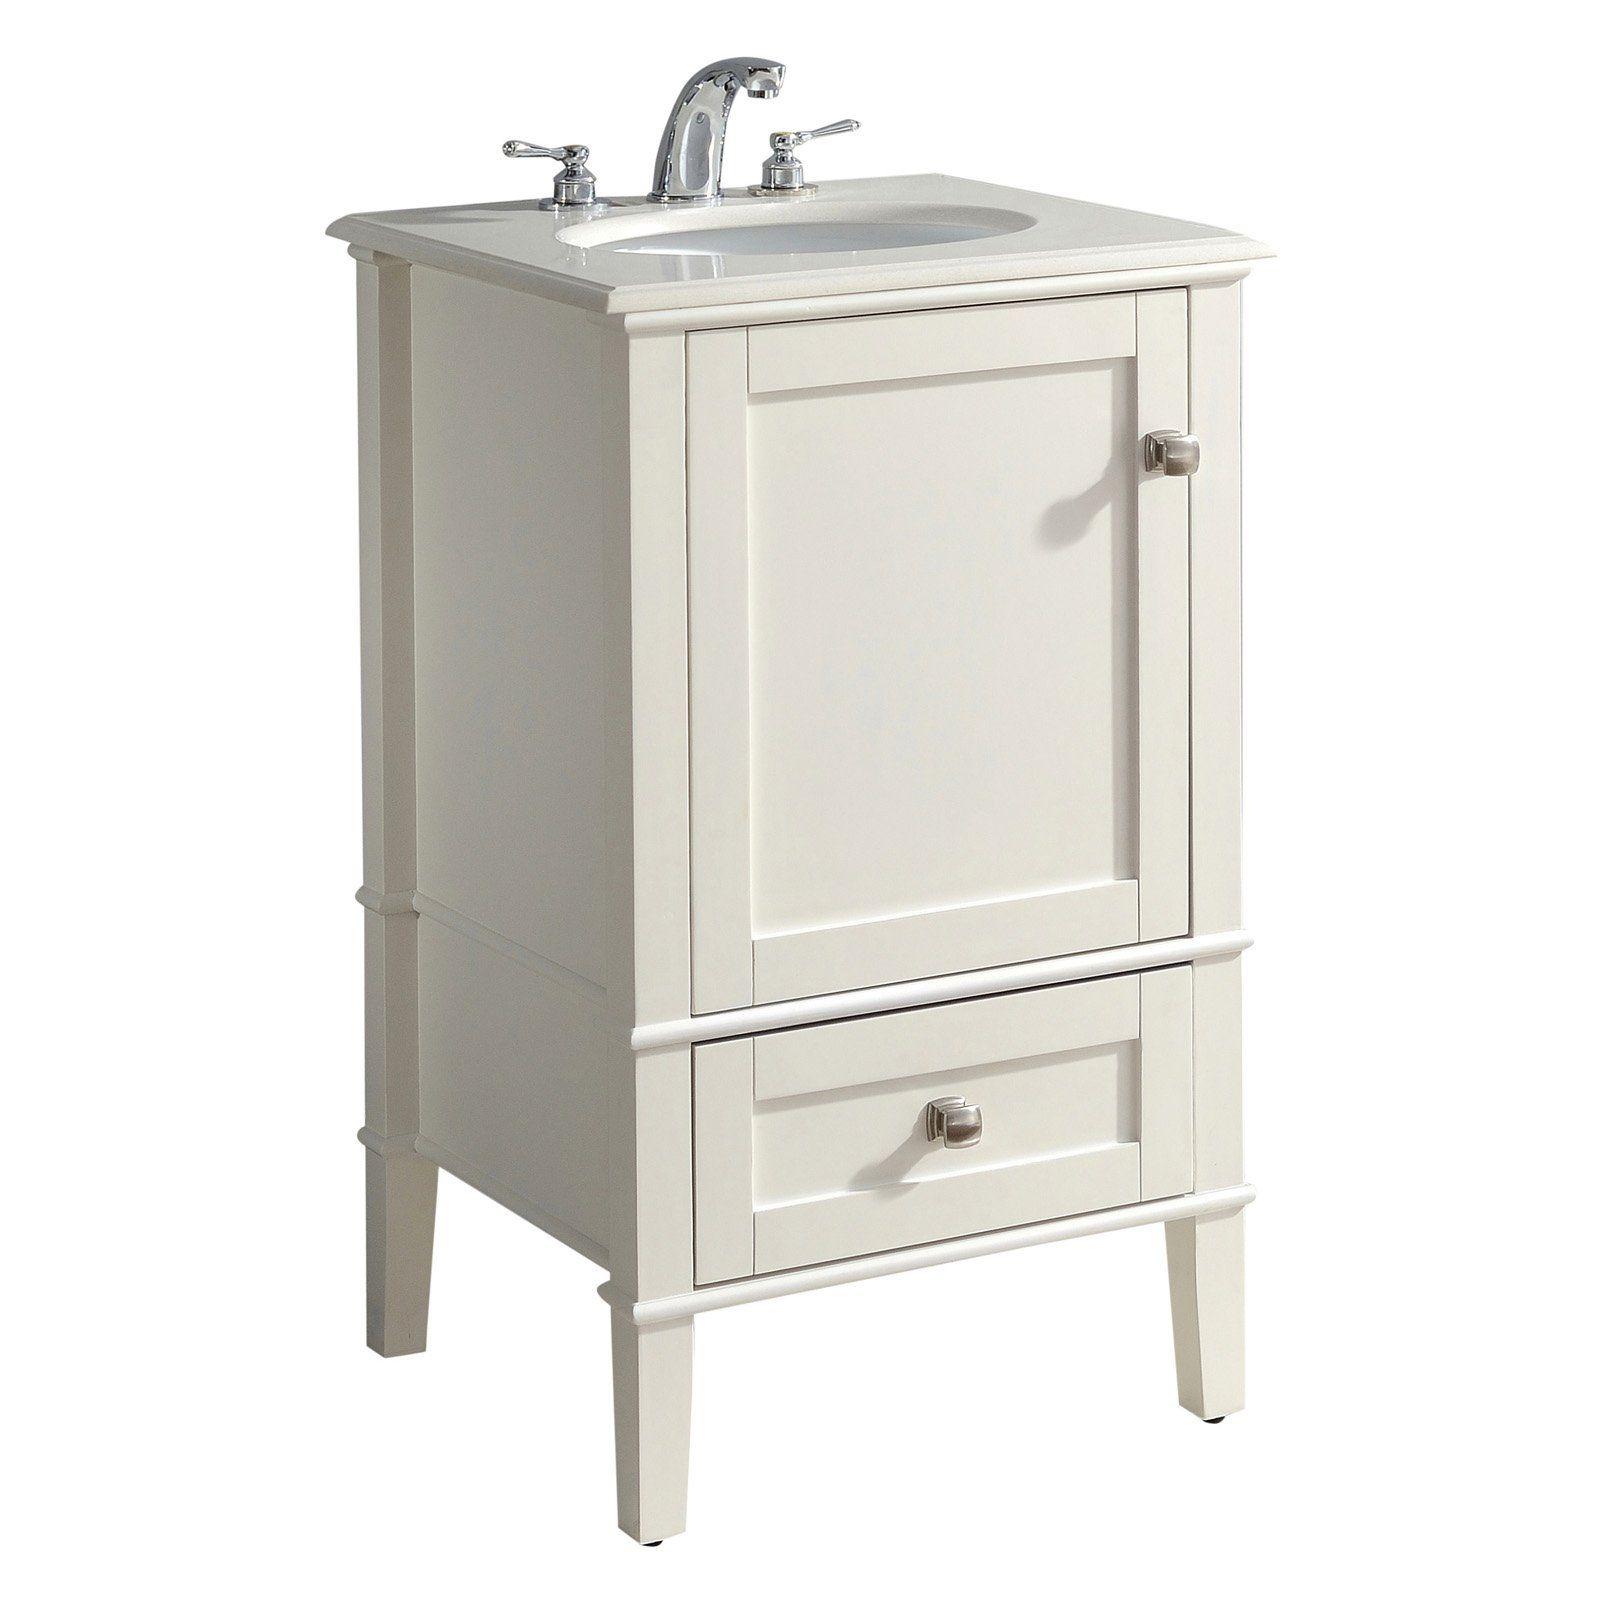 Brooklyn Max Chesapeake 20 In Bathroom Single Sink Vanity With Quartz Marble Top In 2020 Single Sink Vanity Vanity Sink